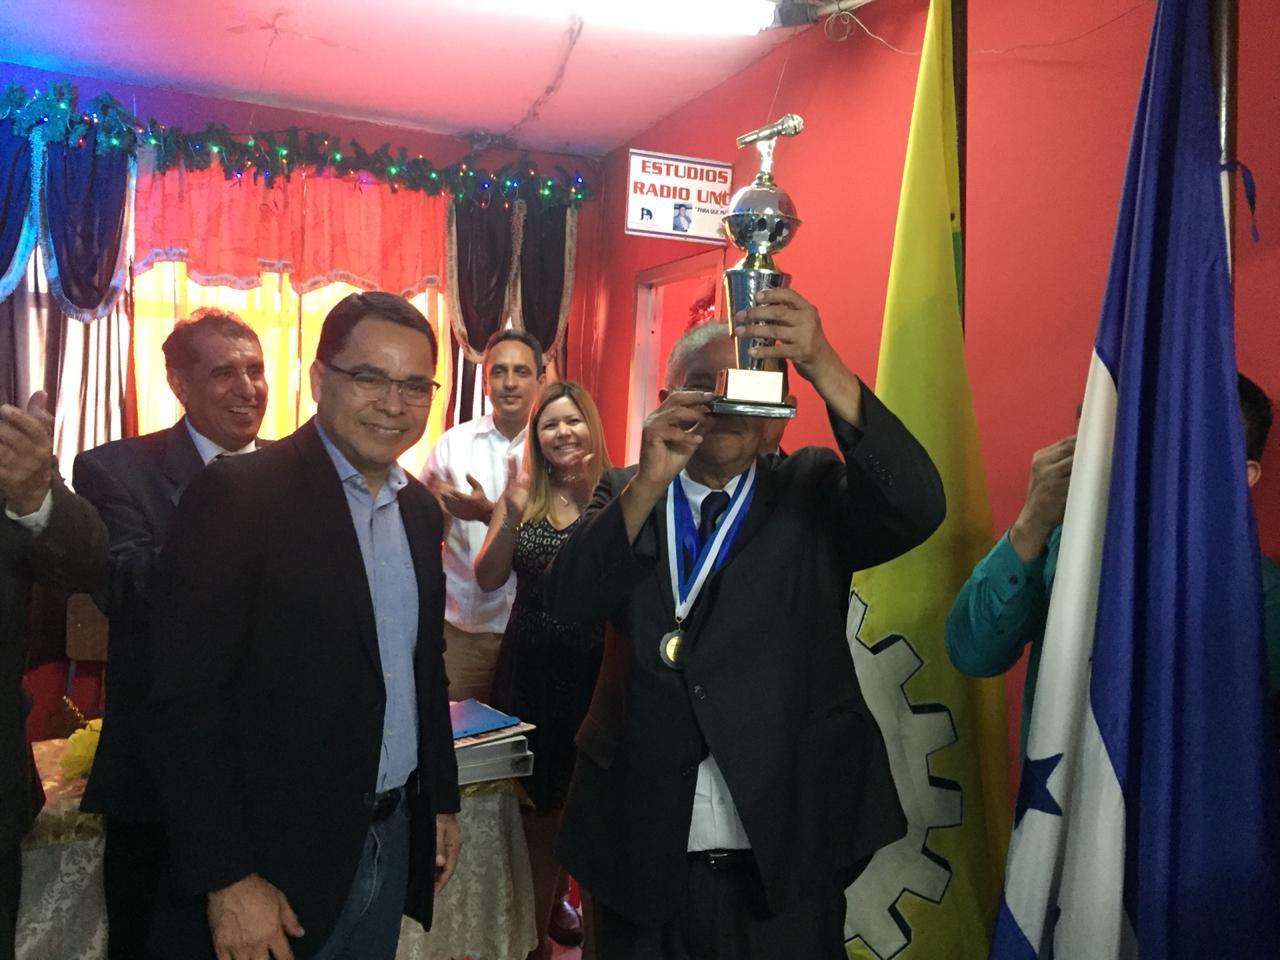 Recibo Micrófono de Oro con mucha humildad: Luis Edgardo Vallejo